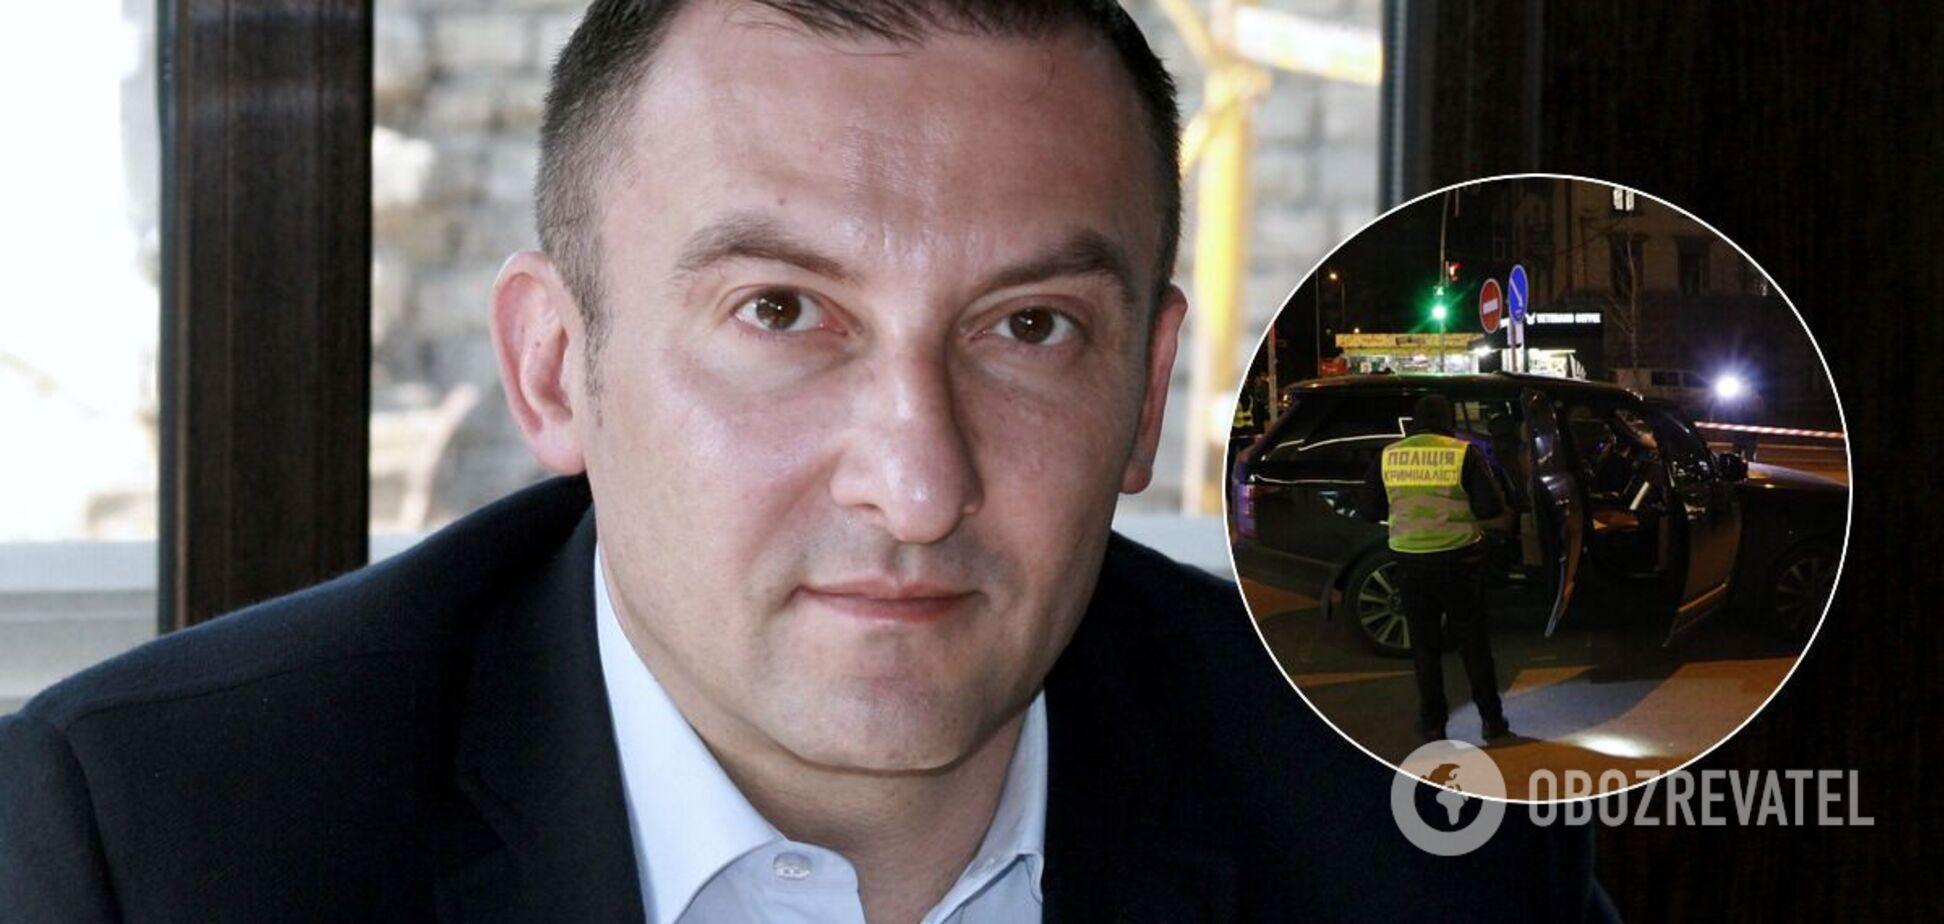 Замовлення на моє вбивство не знято, ведеться підготовка, – депутат Соболєв, який вижив після замаху